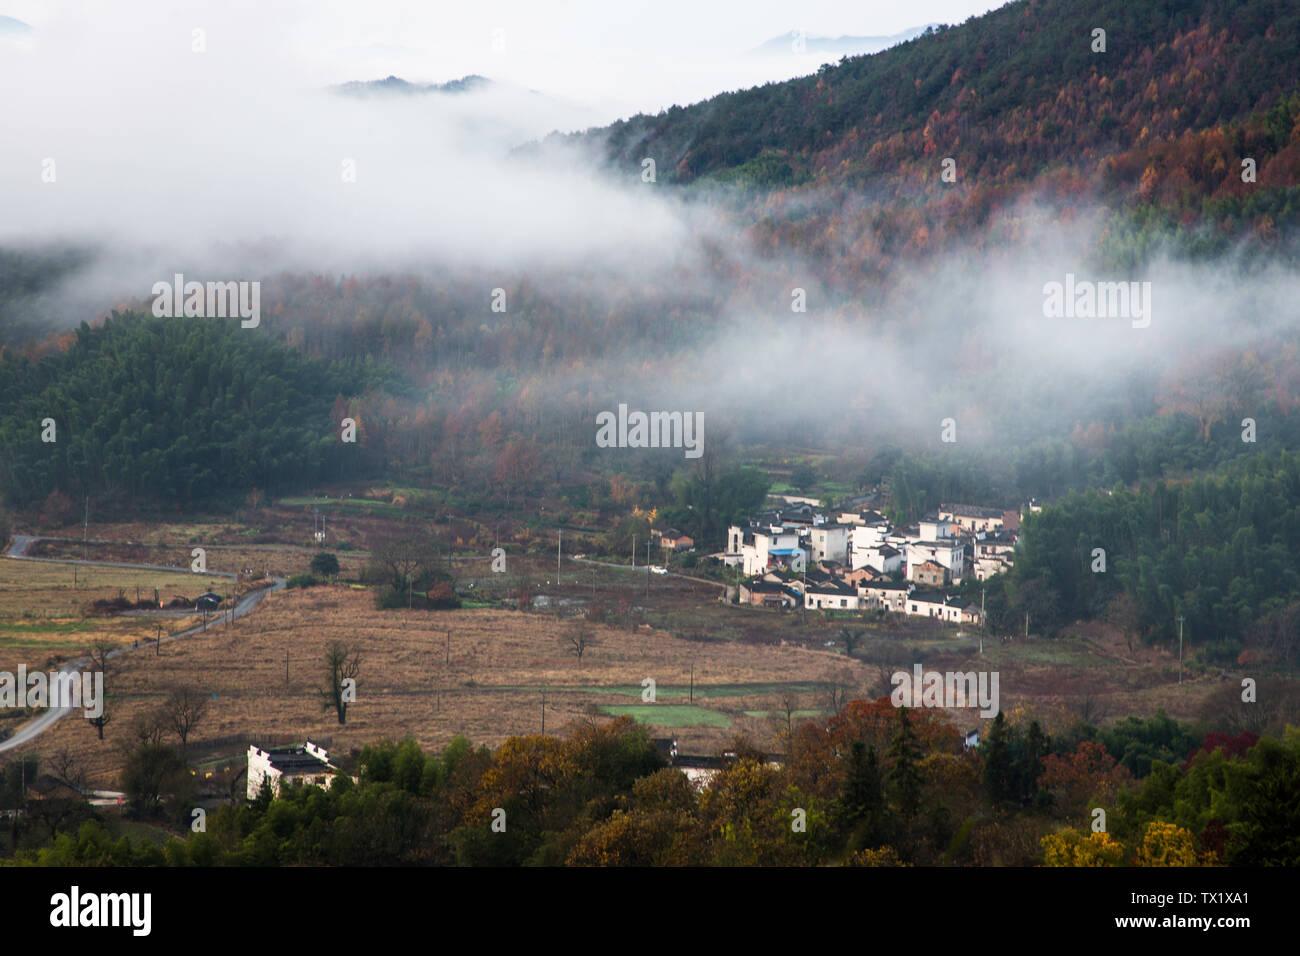 Una antigua aldea envuelto por las nubes y la niebla. Foto de stock